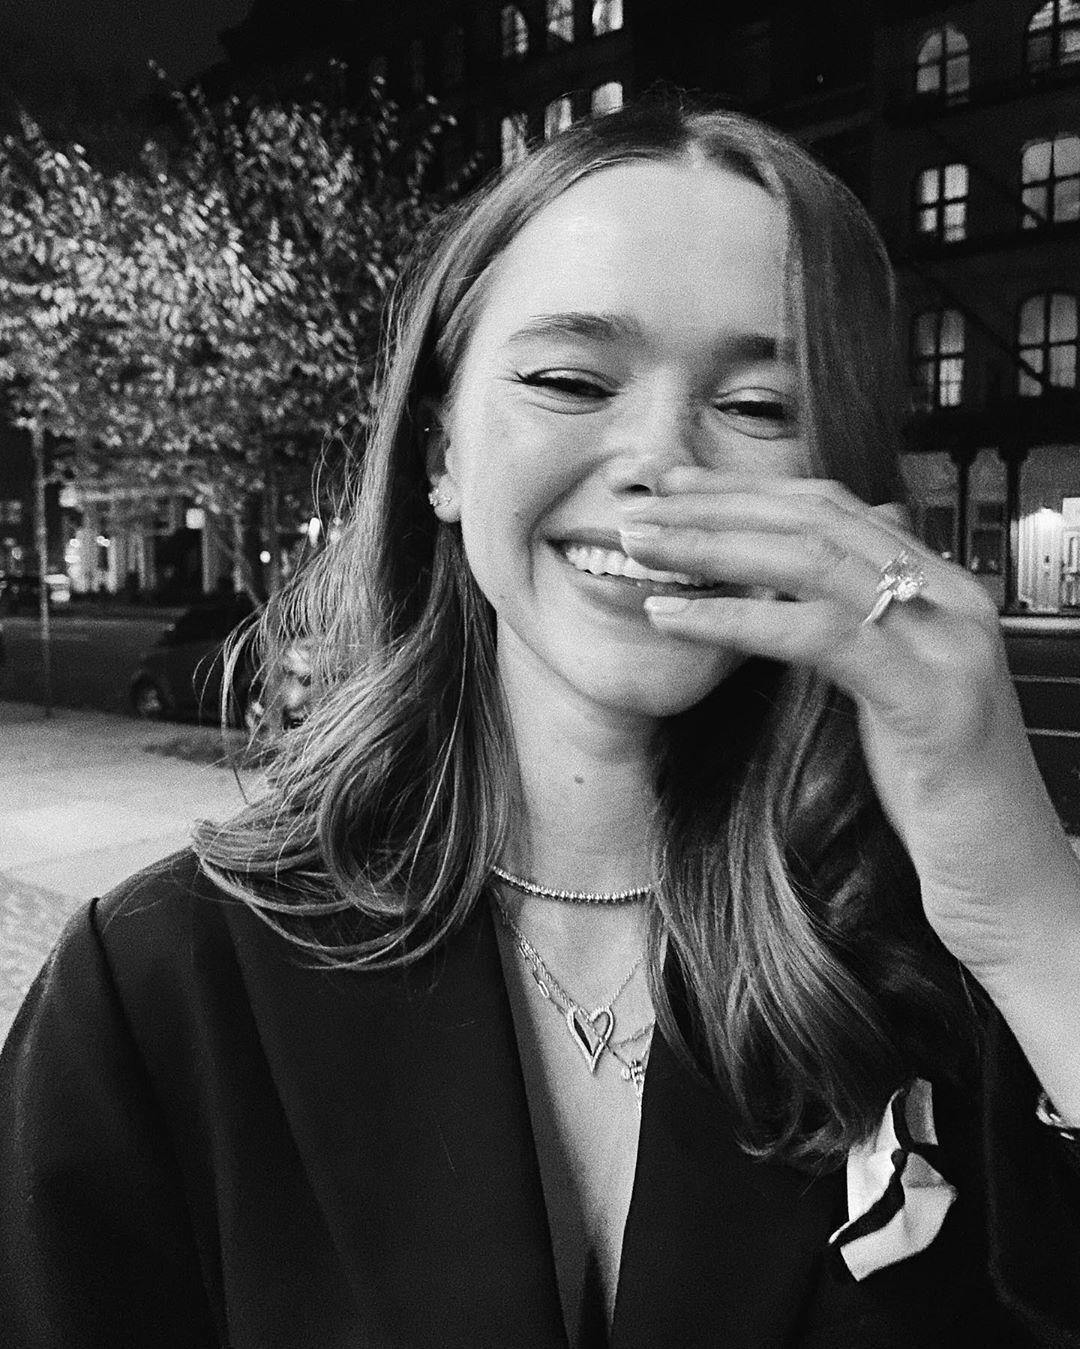 Valeria laughing